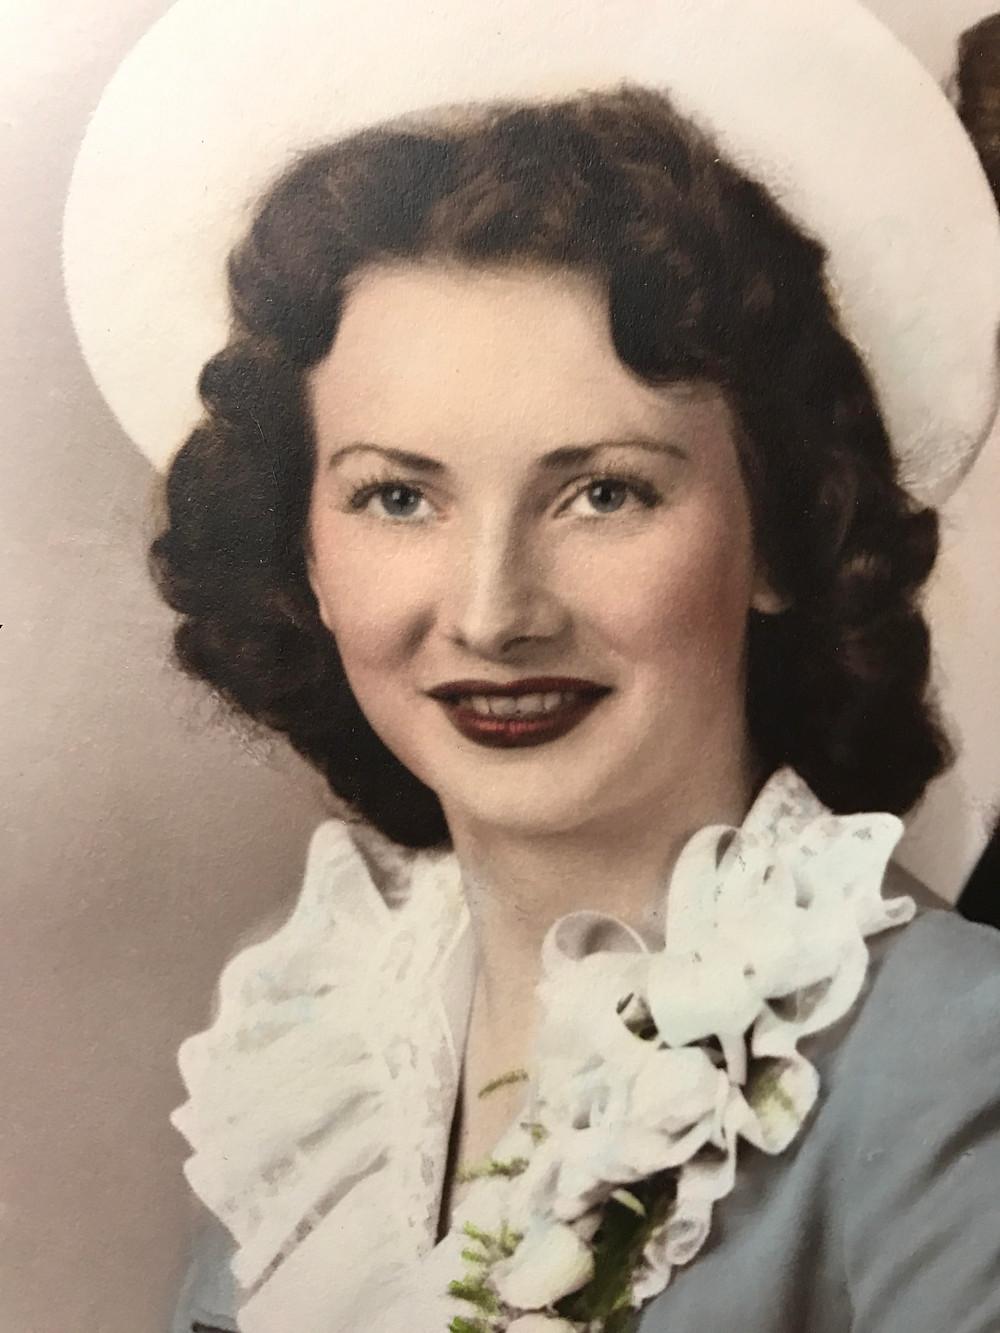 My Grandma (Bonnie Rodgers) late 1940s